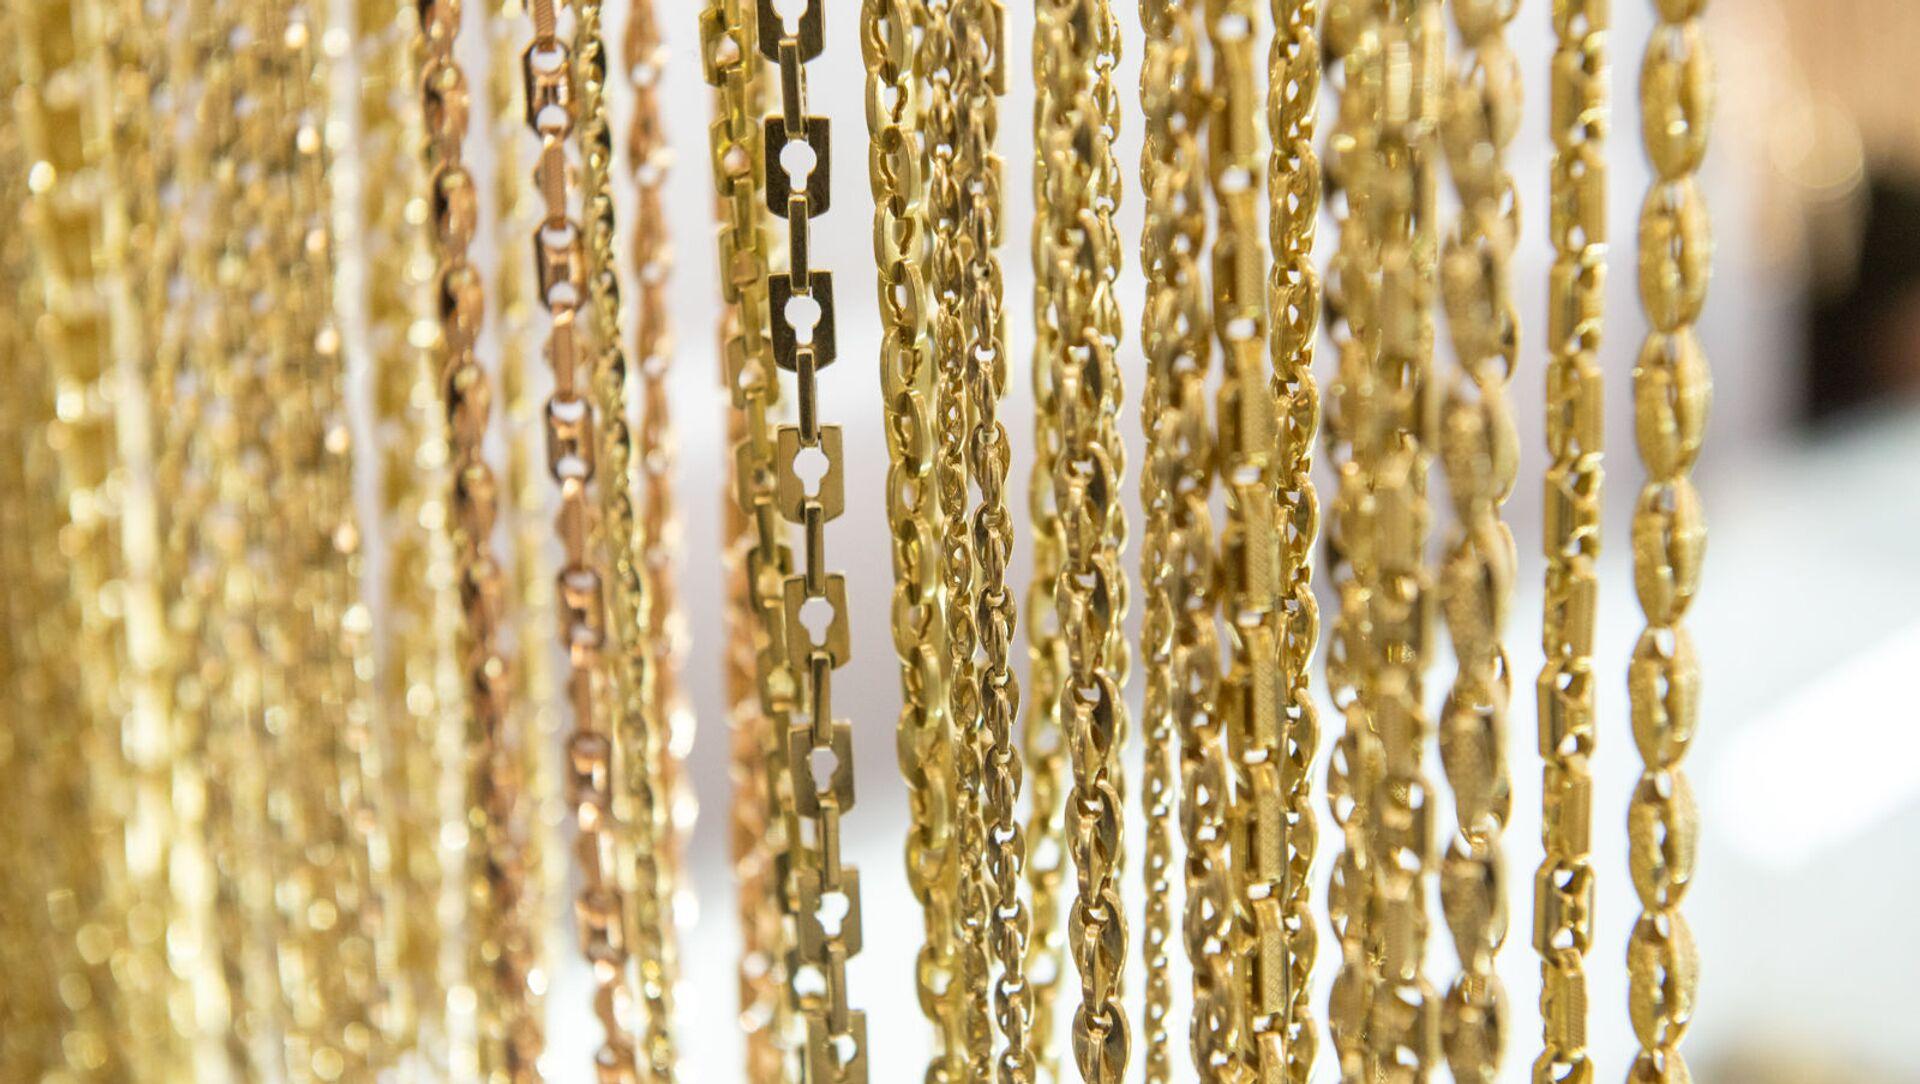 Золотые изделия на рынке золота в Армении  - Sputnik Армения, 1920, 18.06.2021